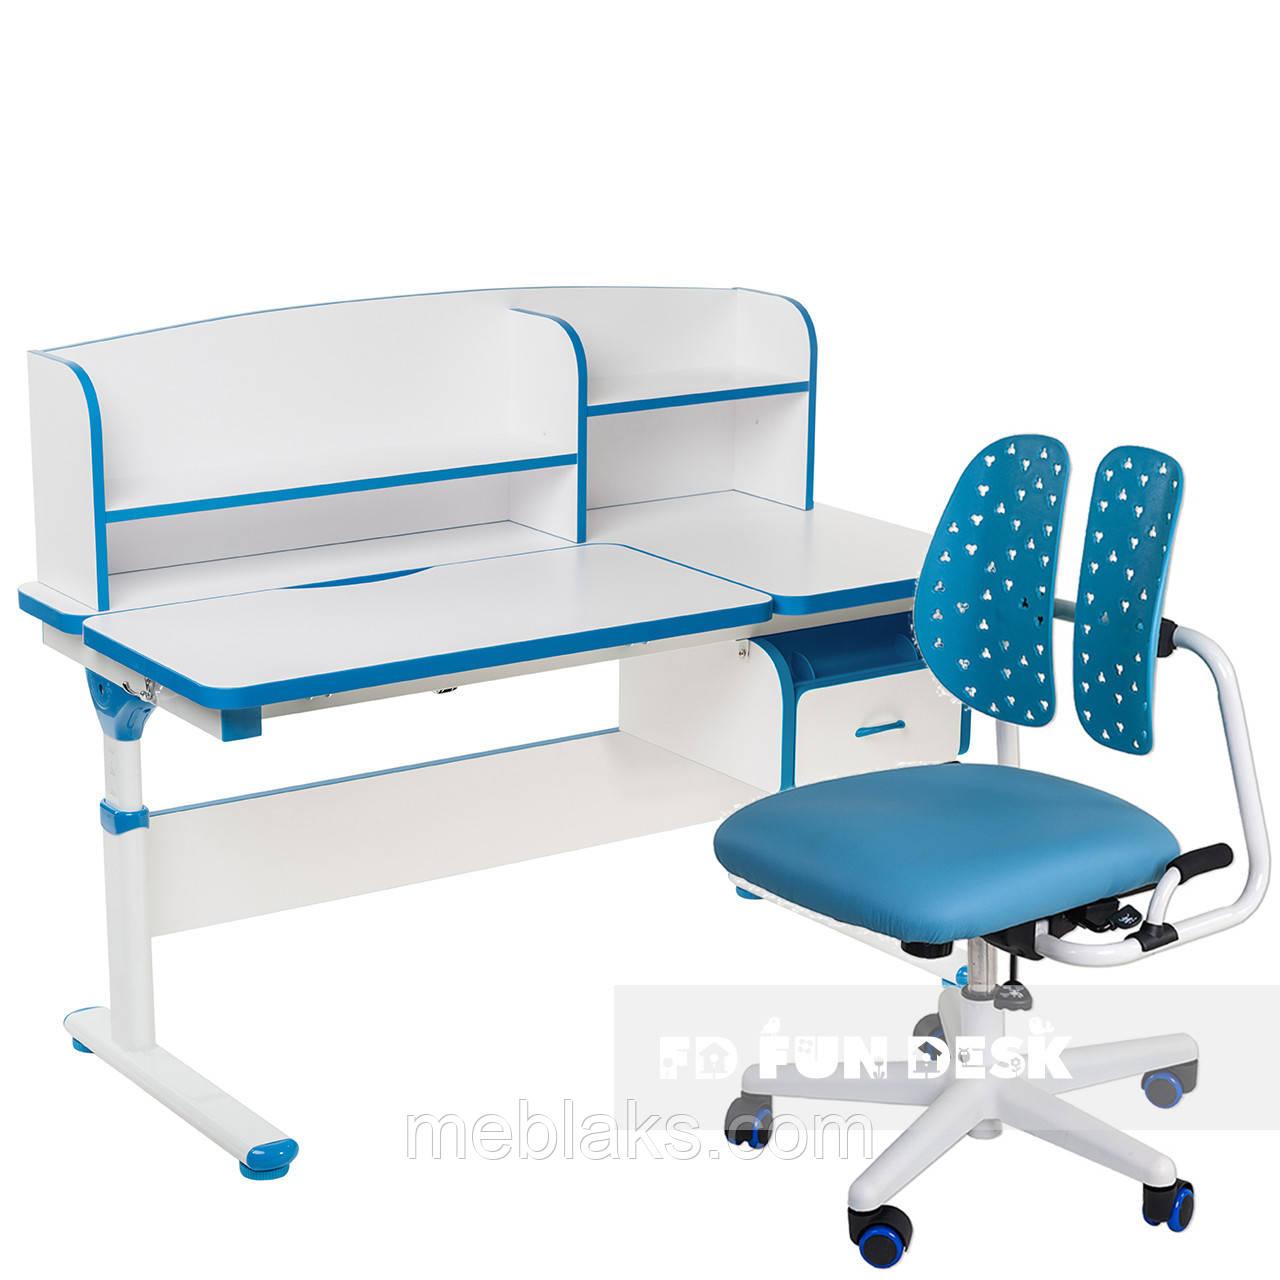 Комплект парта Creare Blue с надстройкой + детское ортопедическое кресло SST2 Blue FunDesk